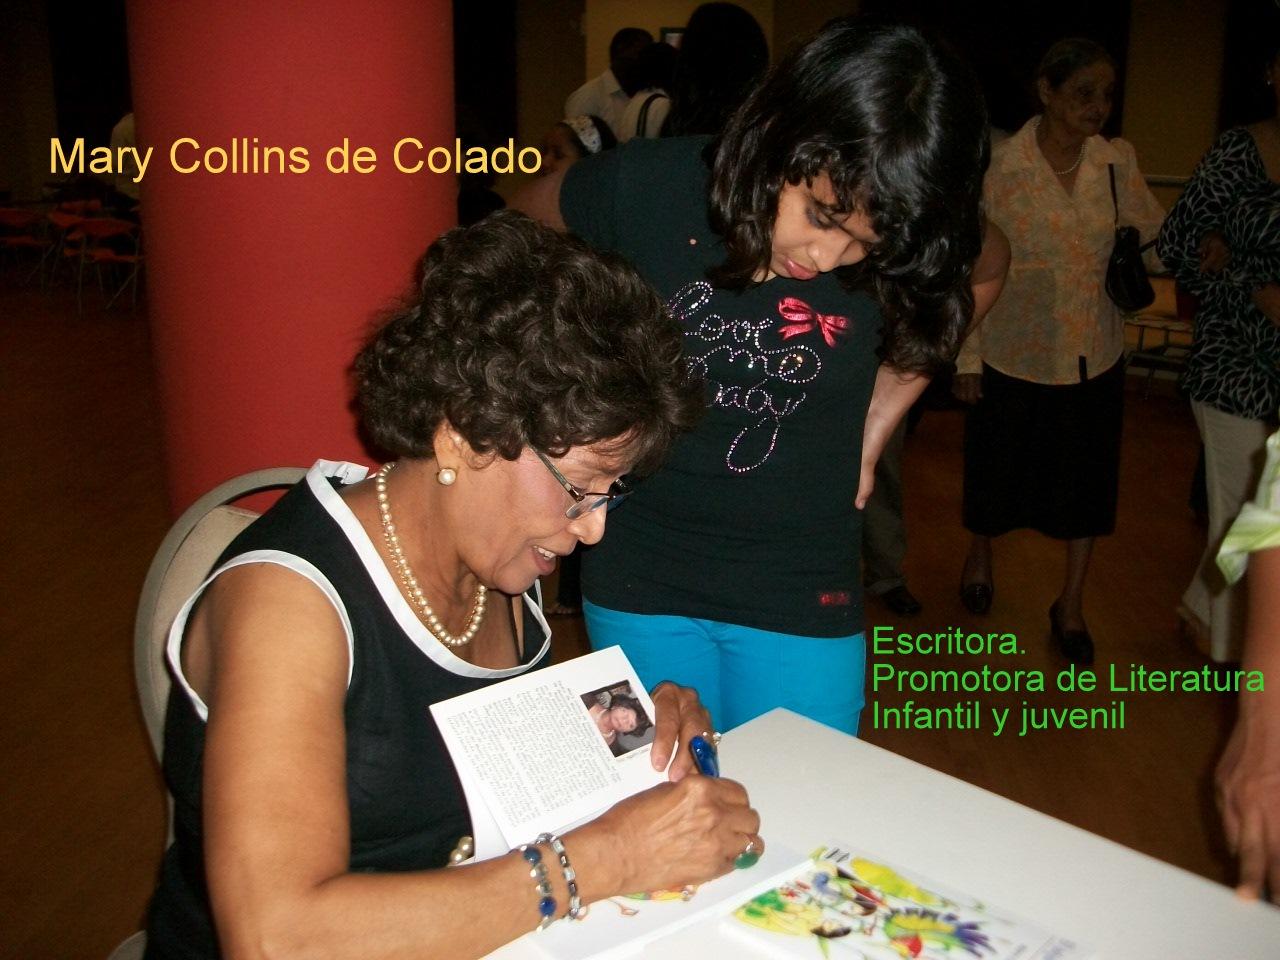 MARY COLLINS DE COLADO